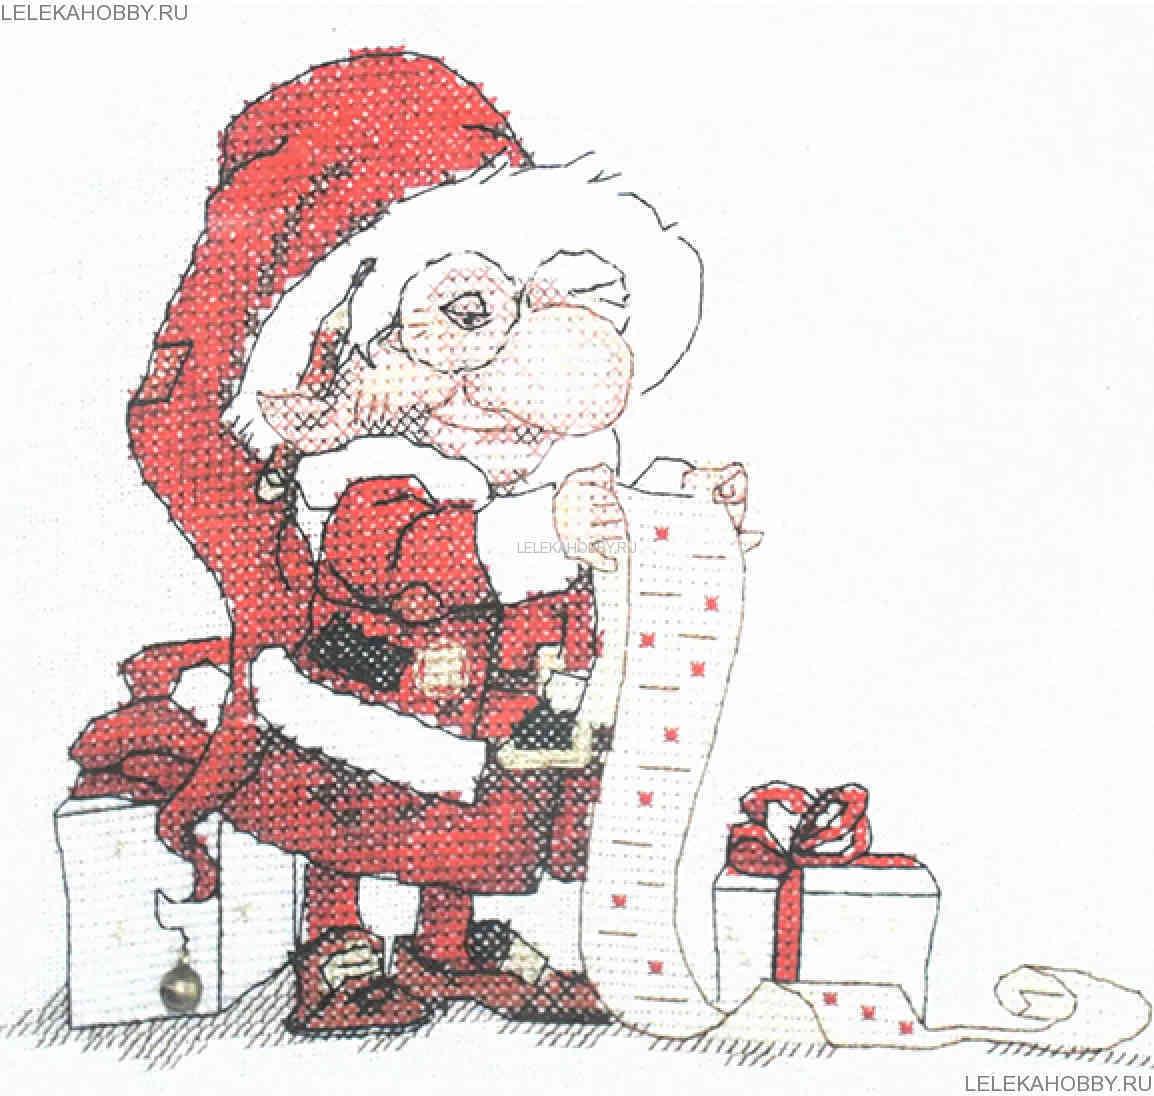 Православные календарь рождественский пост